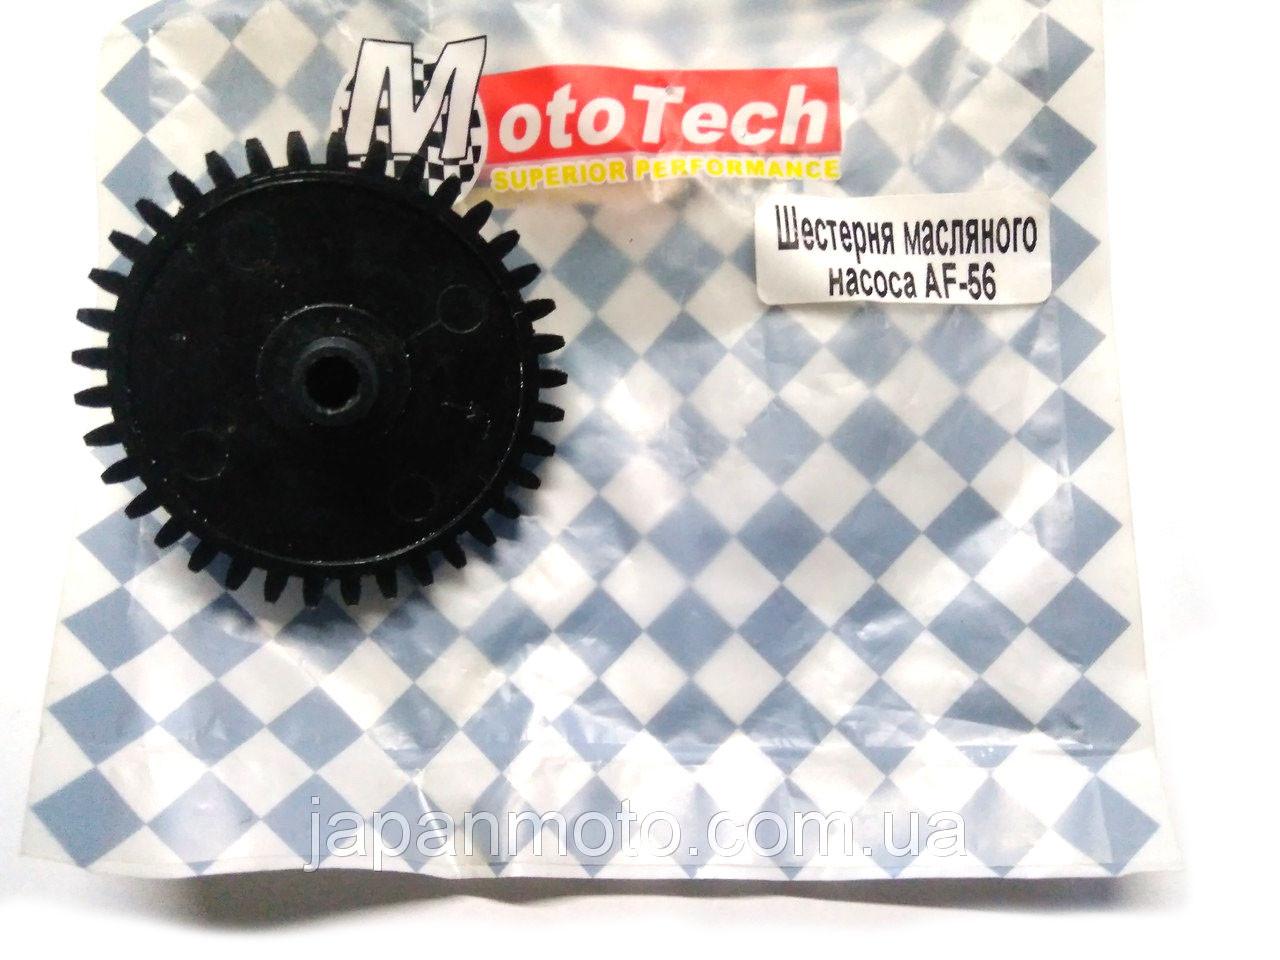 Привод масляного насоса Honda DIO AF-56 Mototech